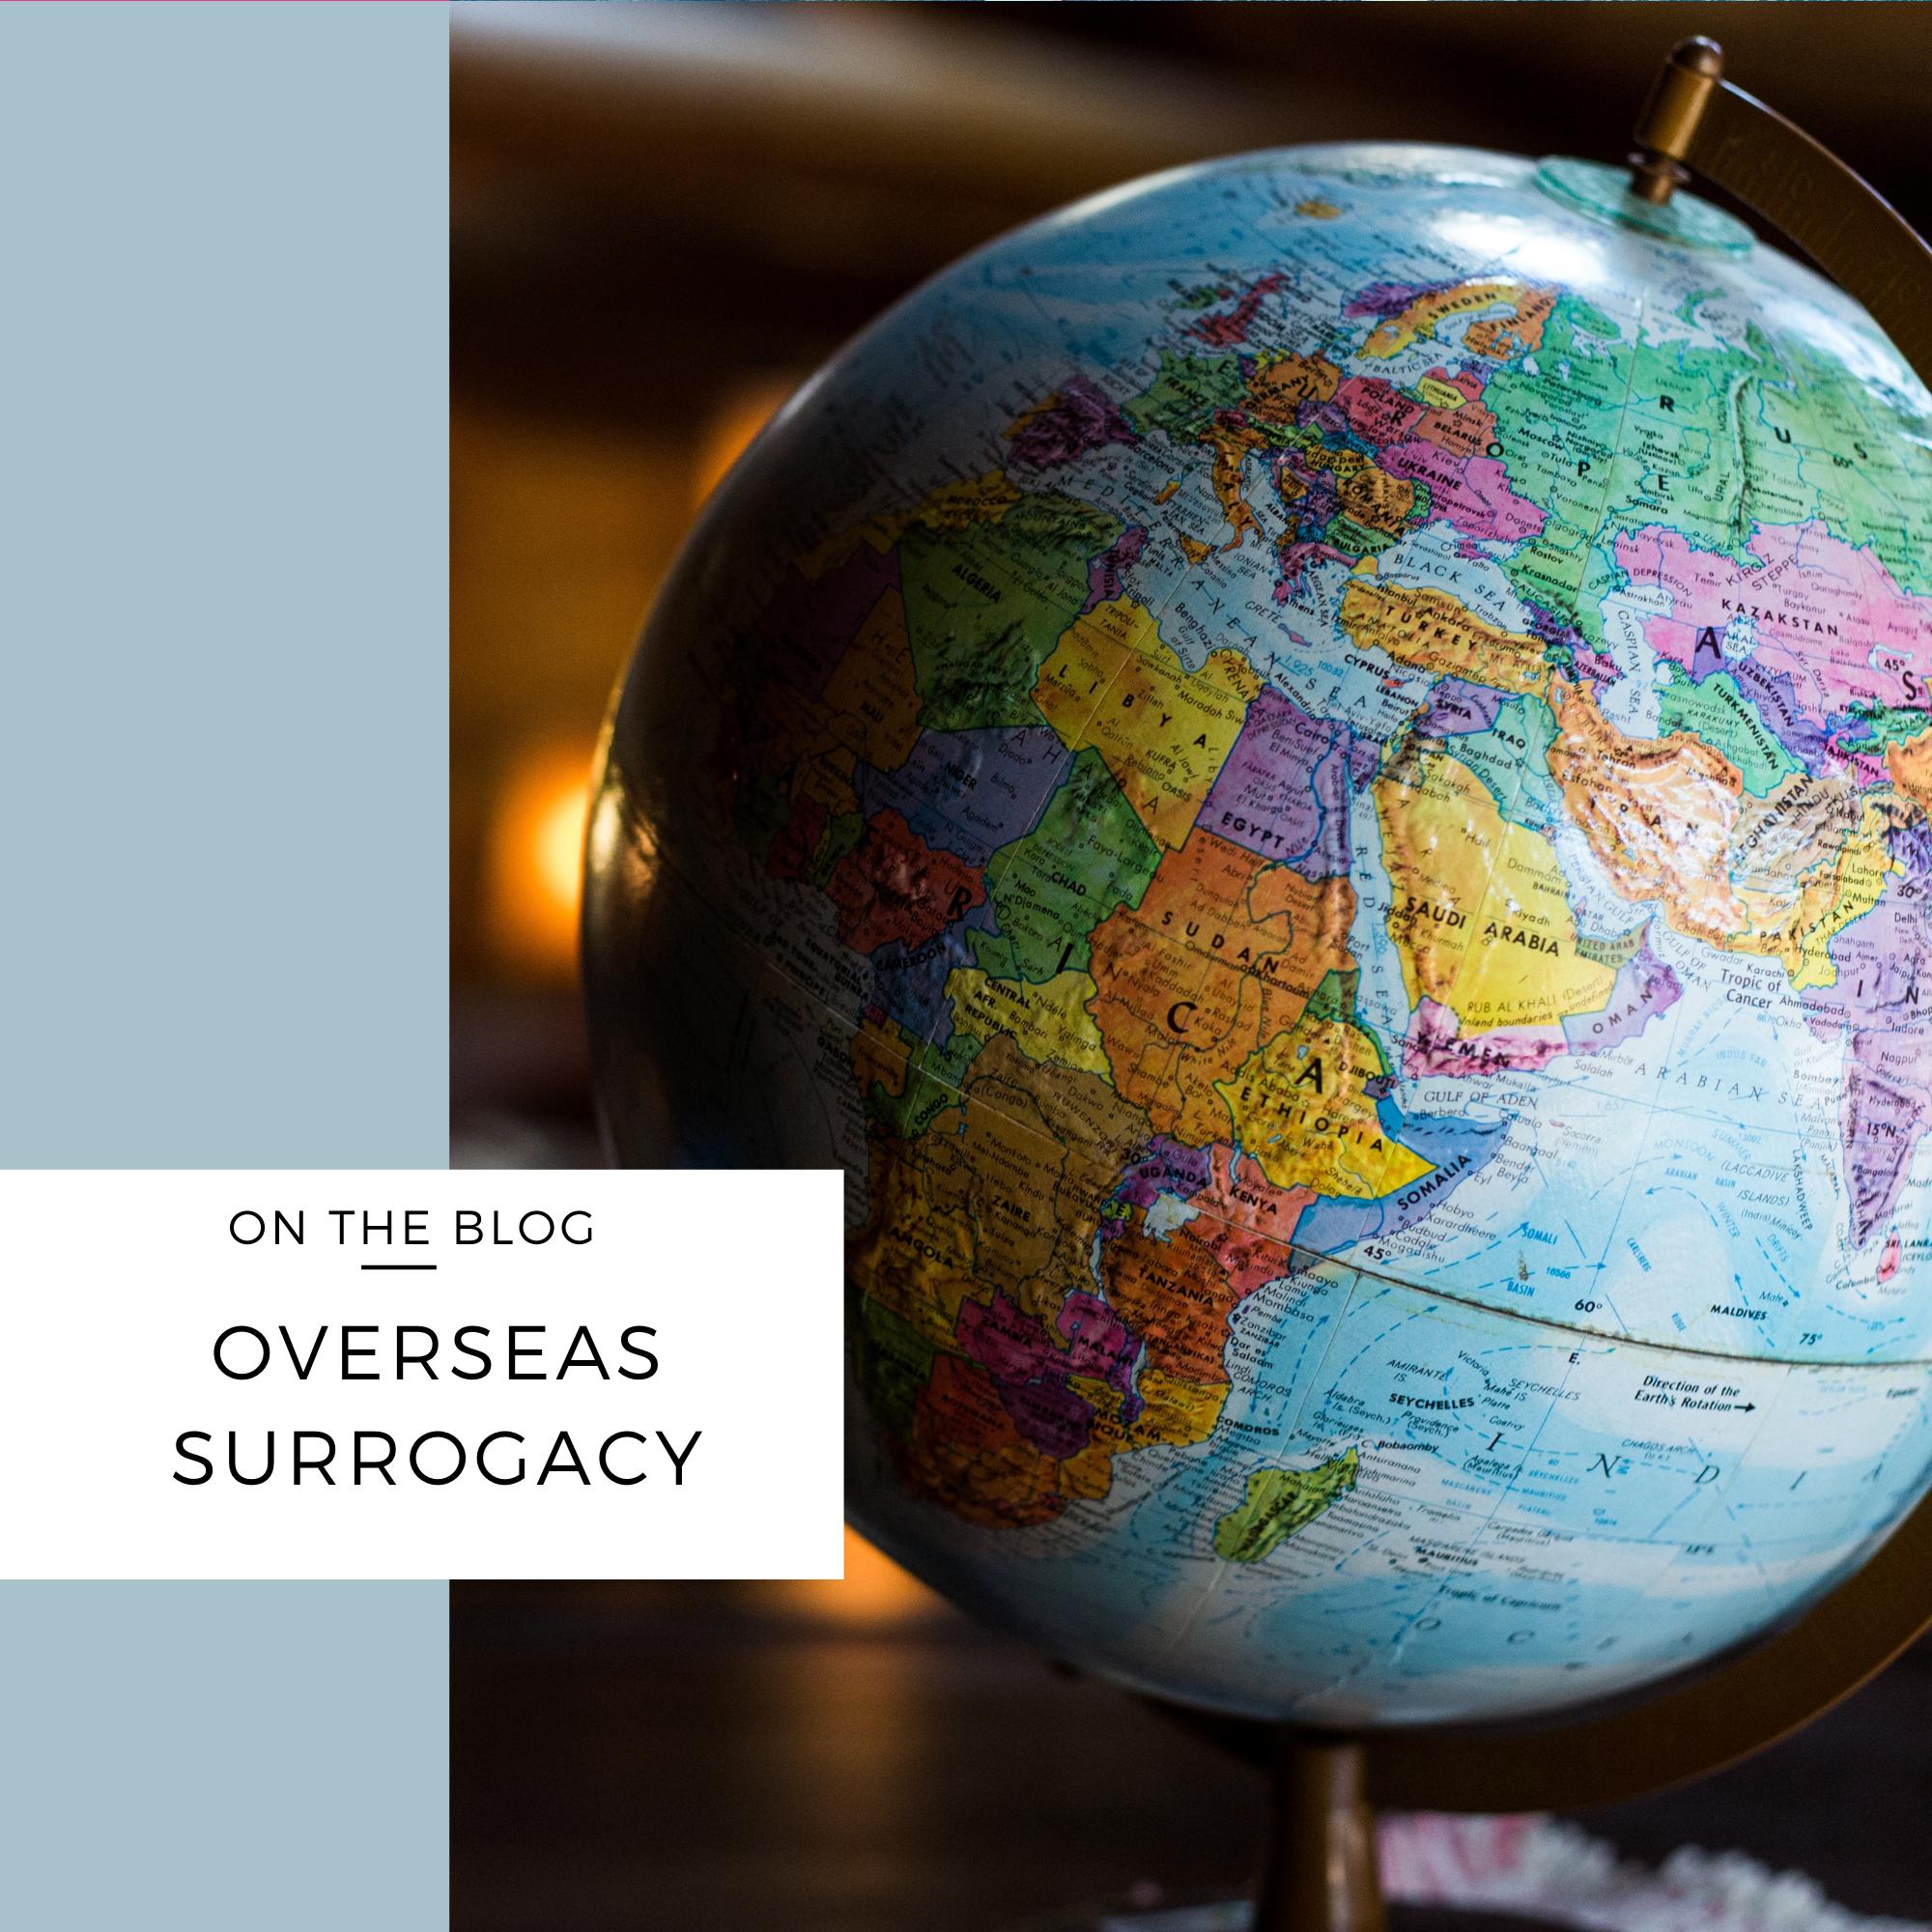 overseas surrogacy